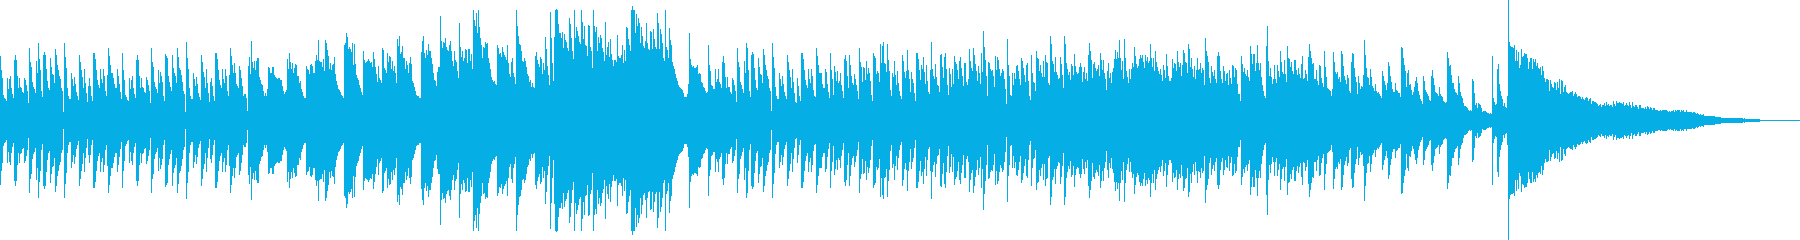 悲しい雰囲気のピアノ曲の再生済みの波形